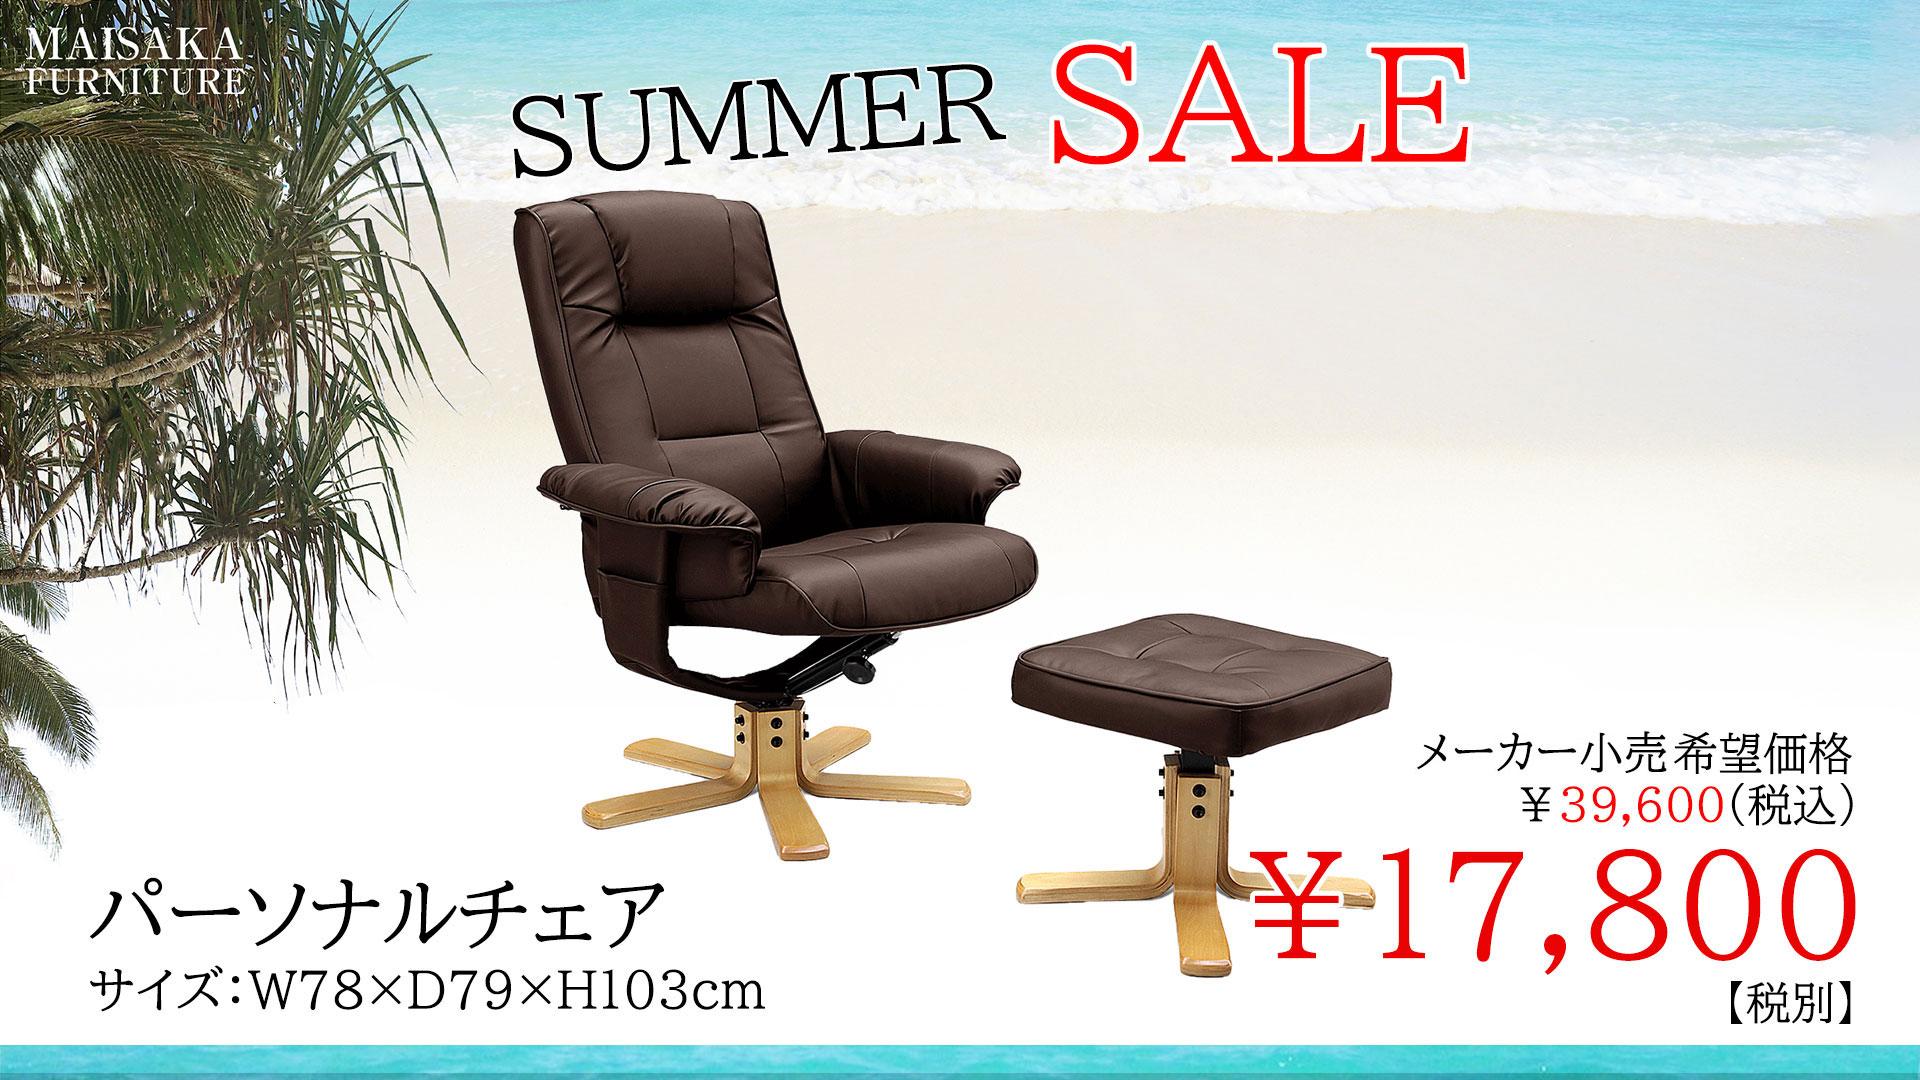 マイサカ家具7月の夏のチラシの目玉商品のパーソナルチェアの画像